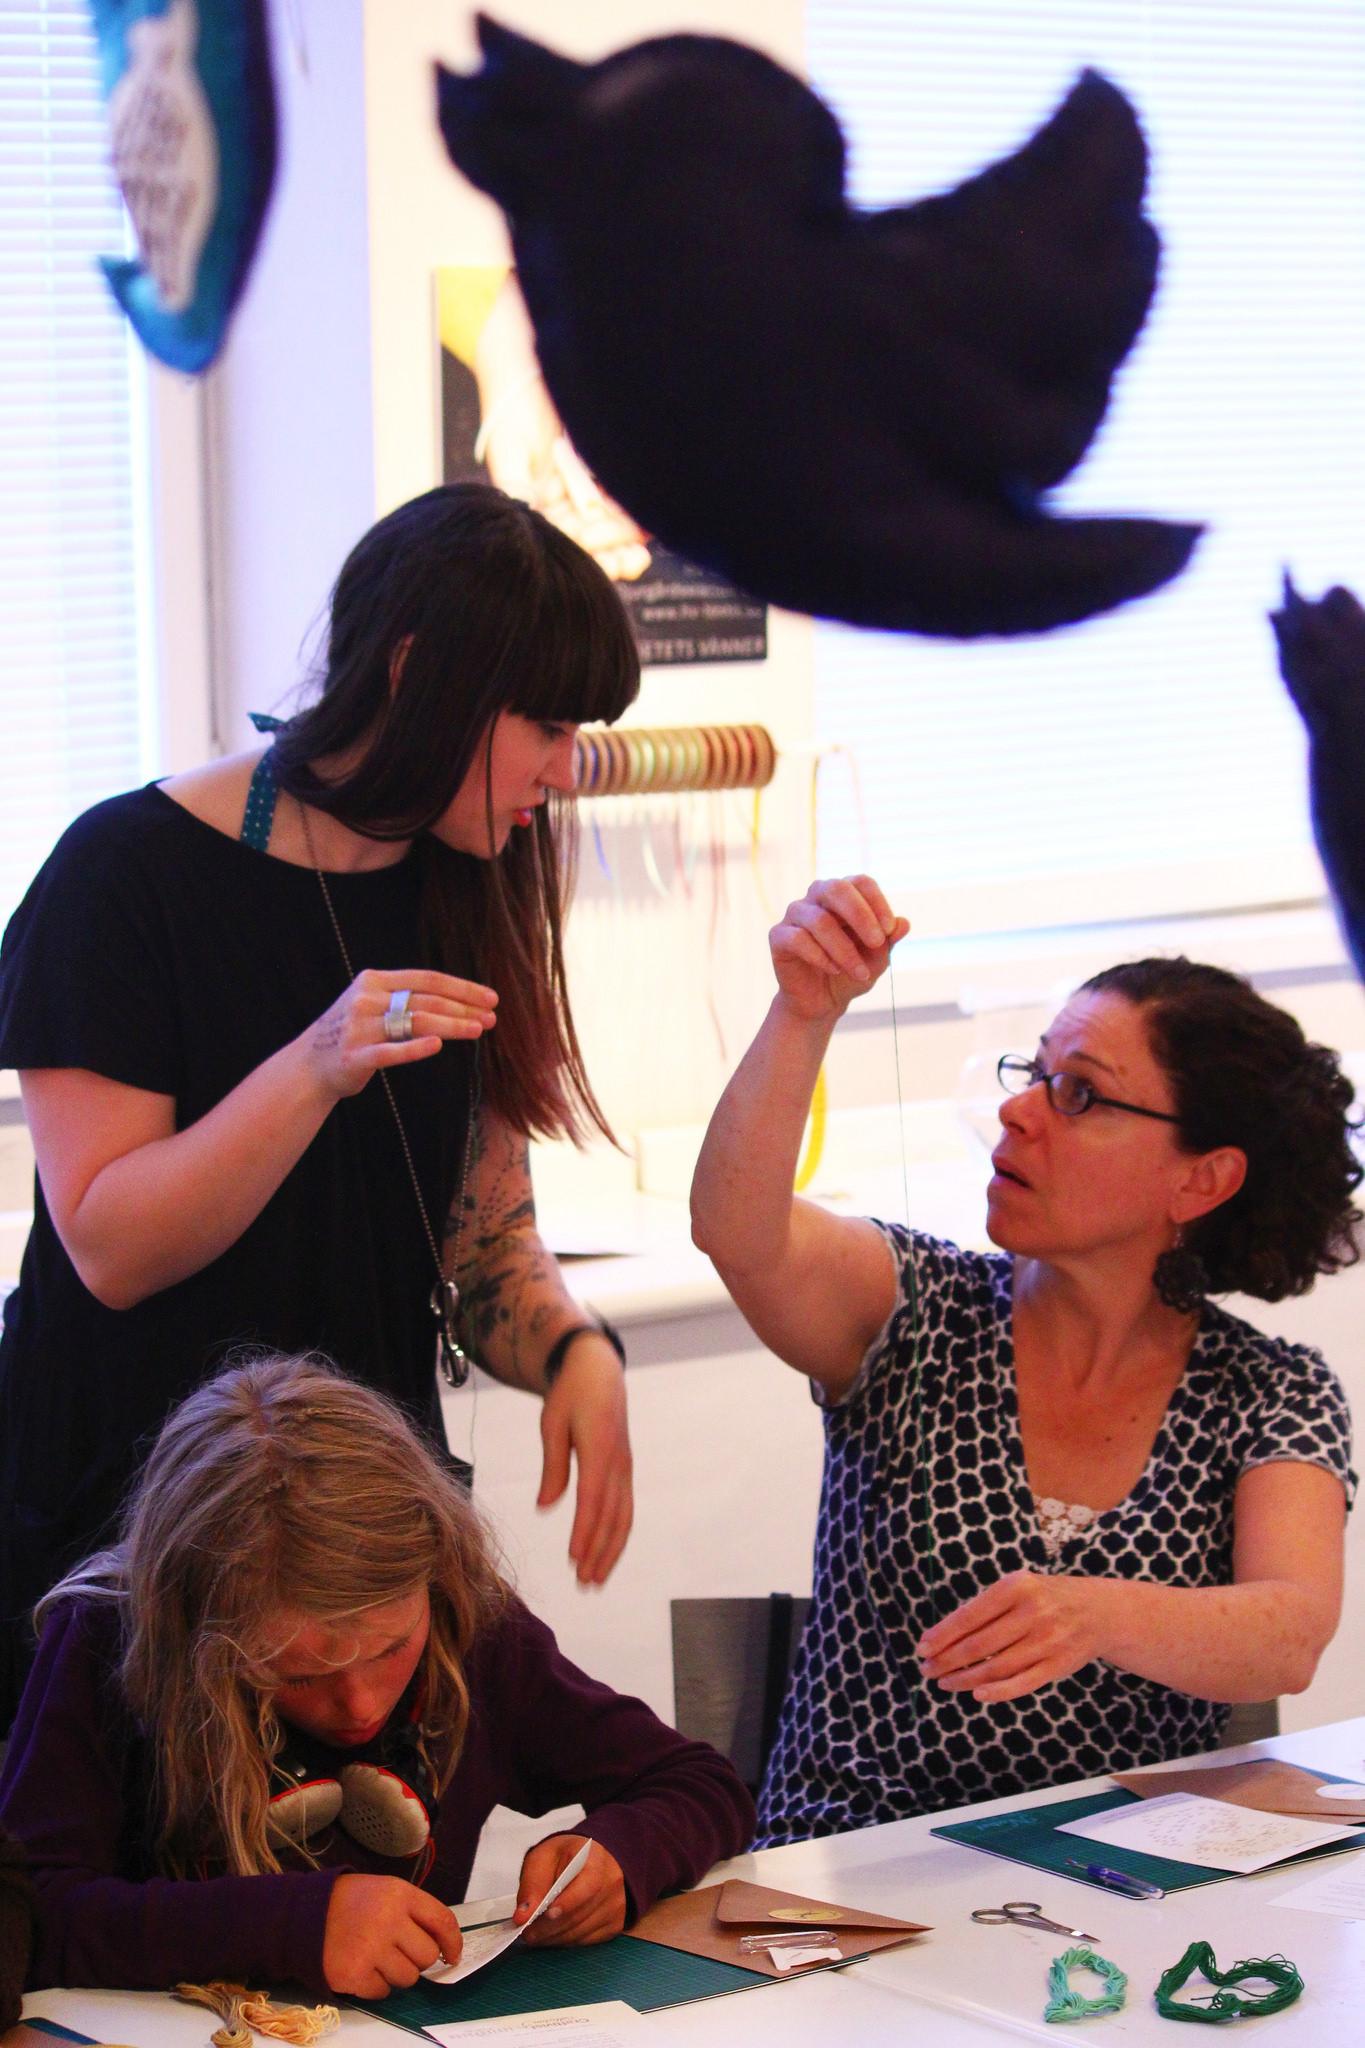 Diskussioner längs vägen. Sarah Corbett har lett workshops under lång tid och är mån om att ta del av alla besökares olika ingångar och tankar till craftivismen. (Foto Kaj Petersen)